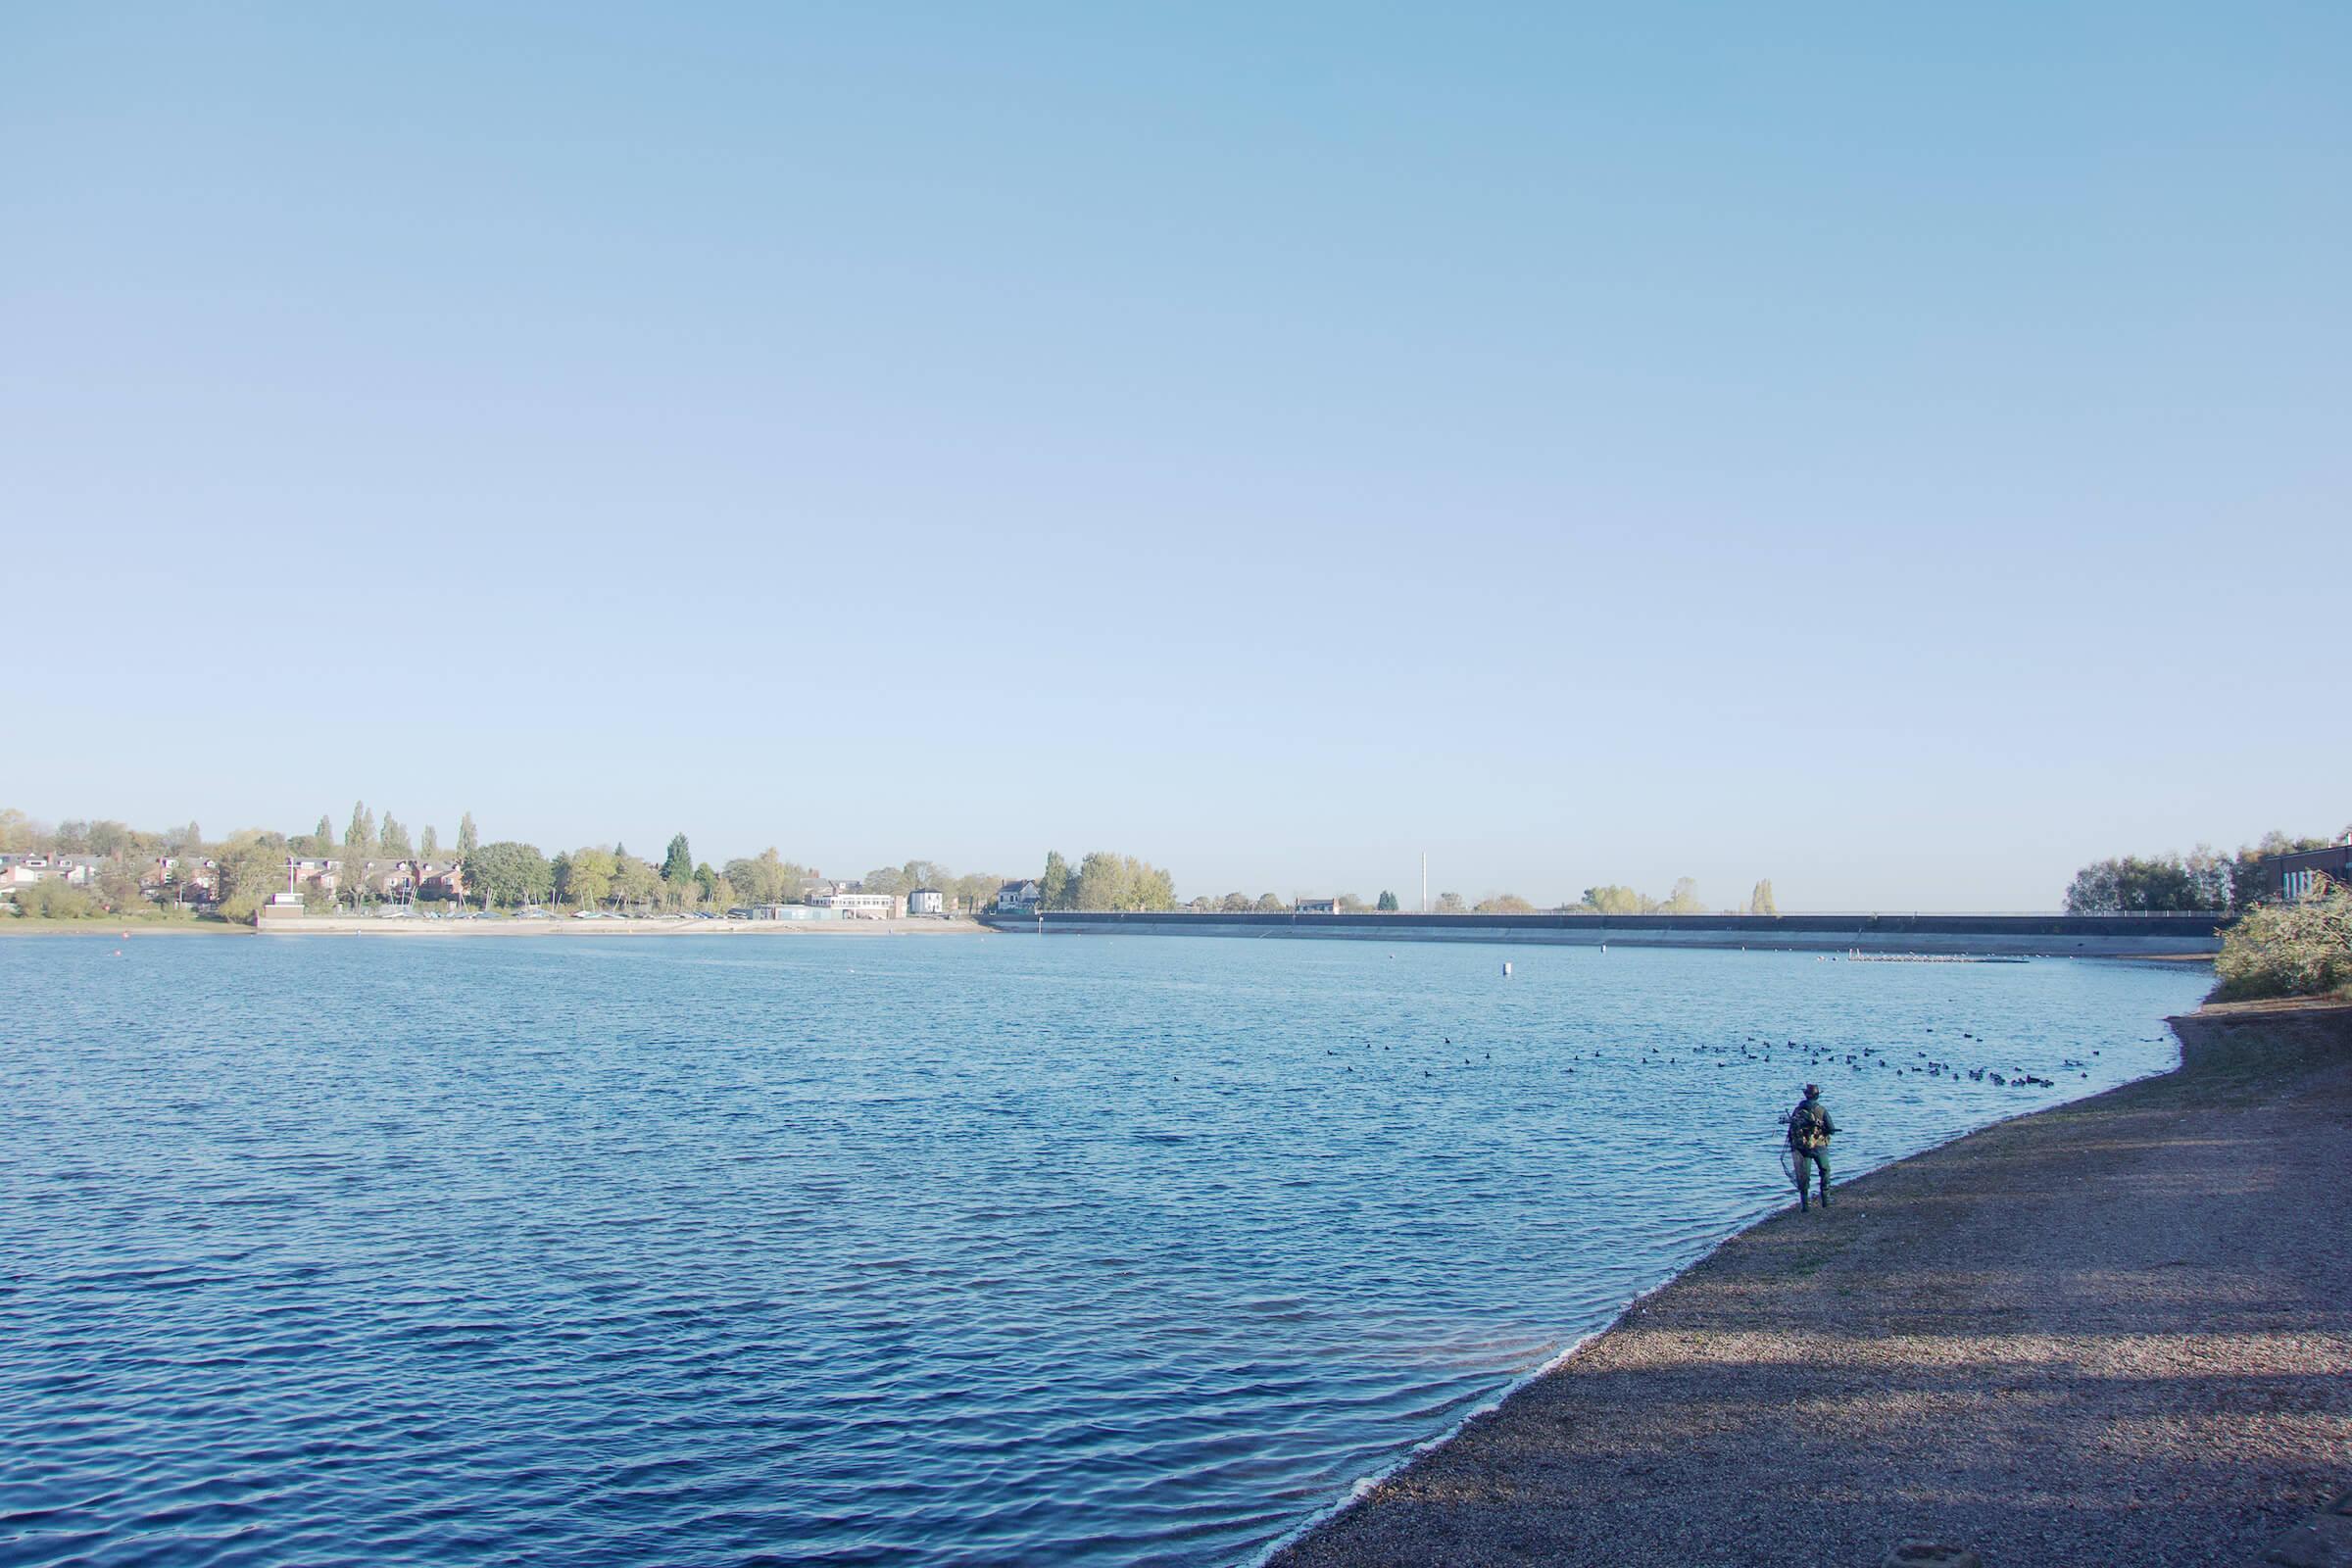 エッジバストン貯水池